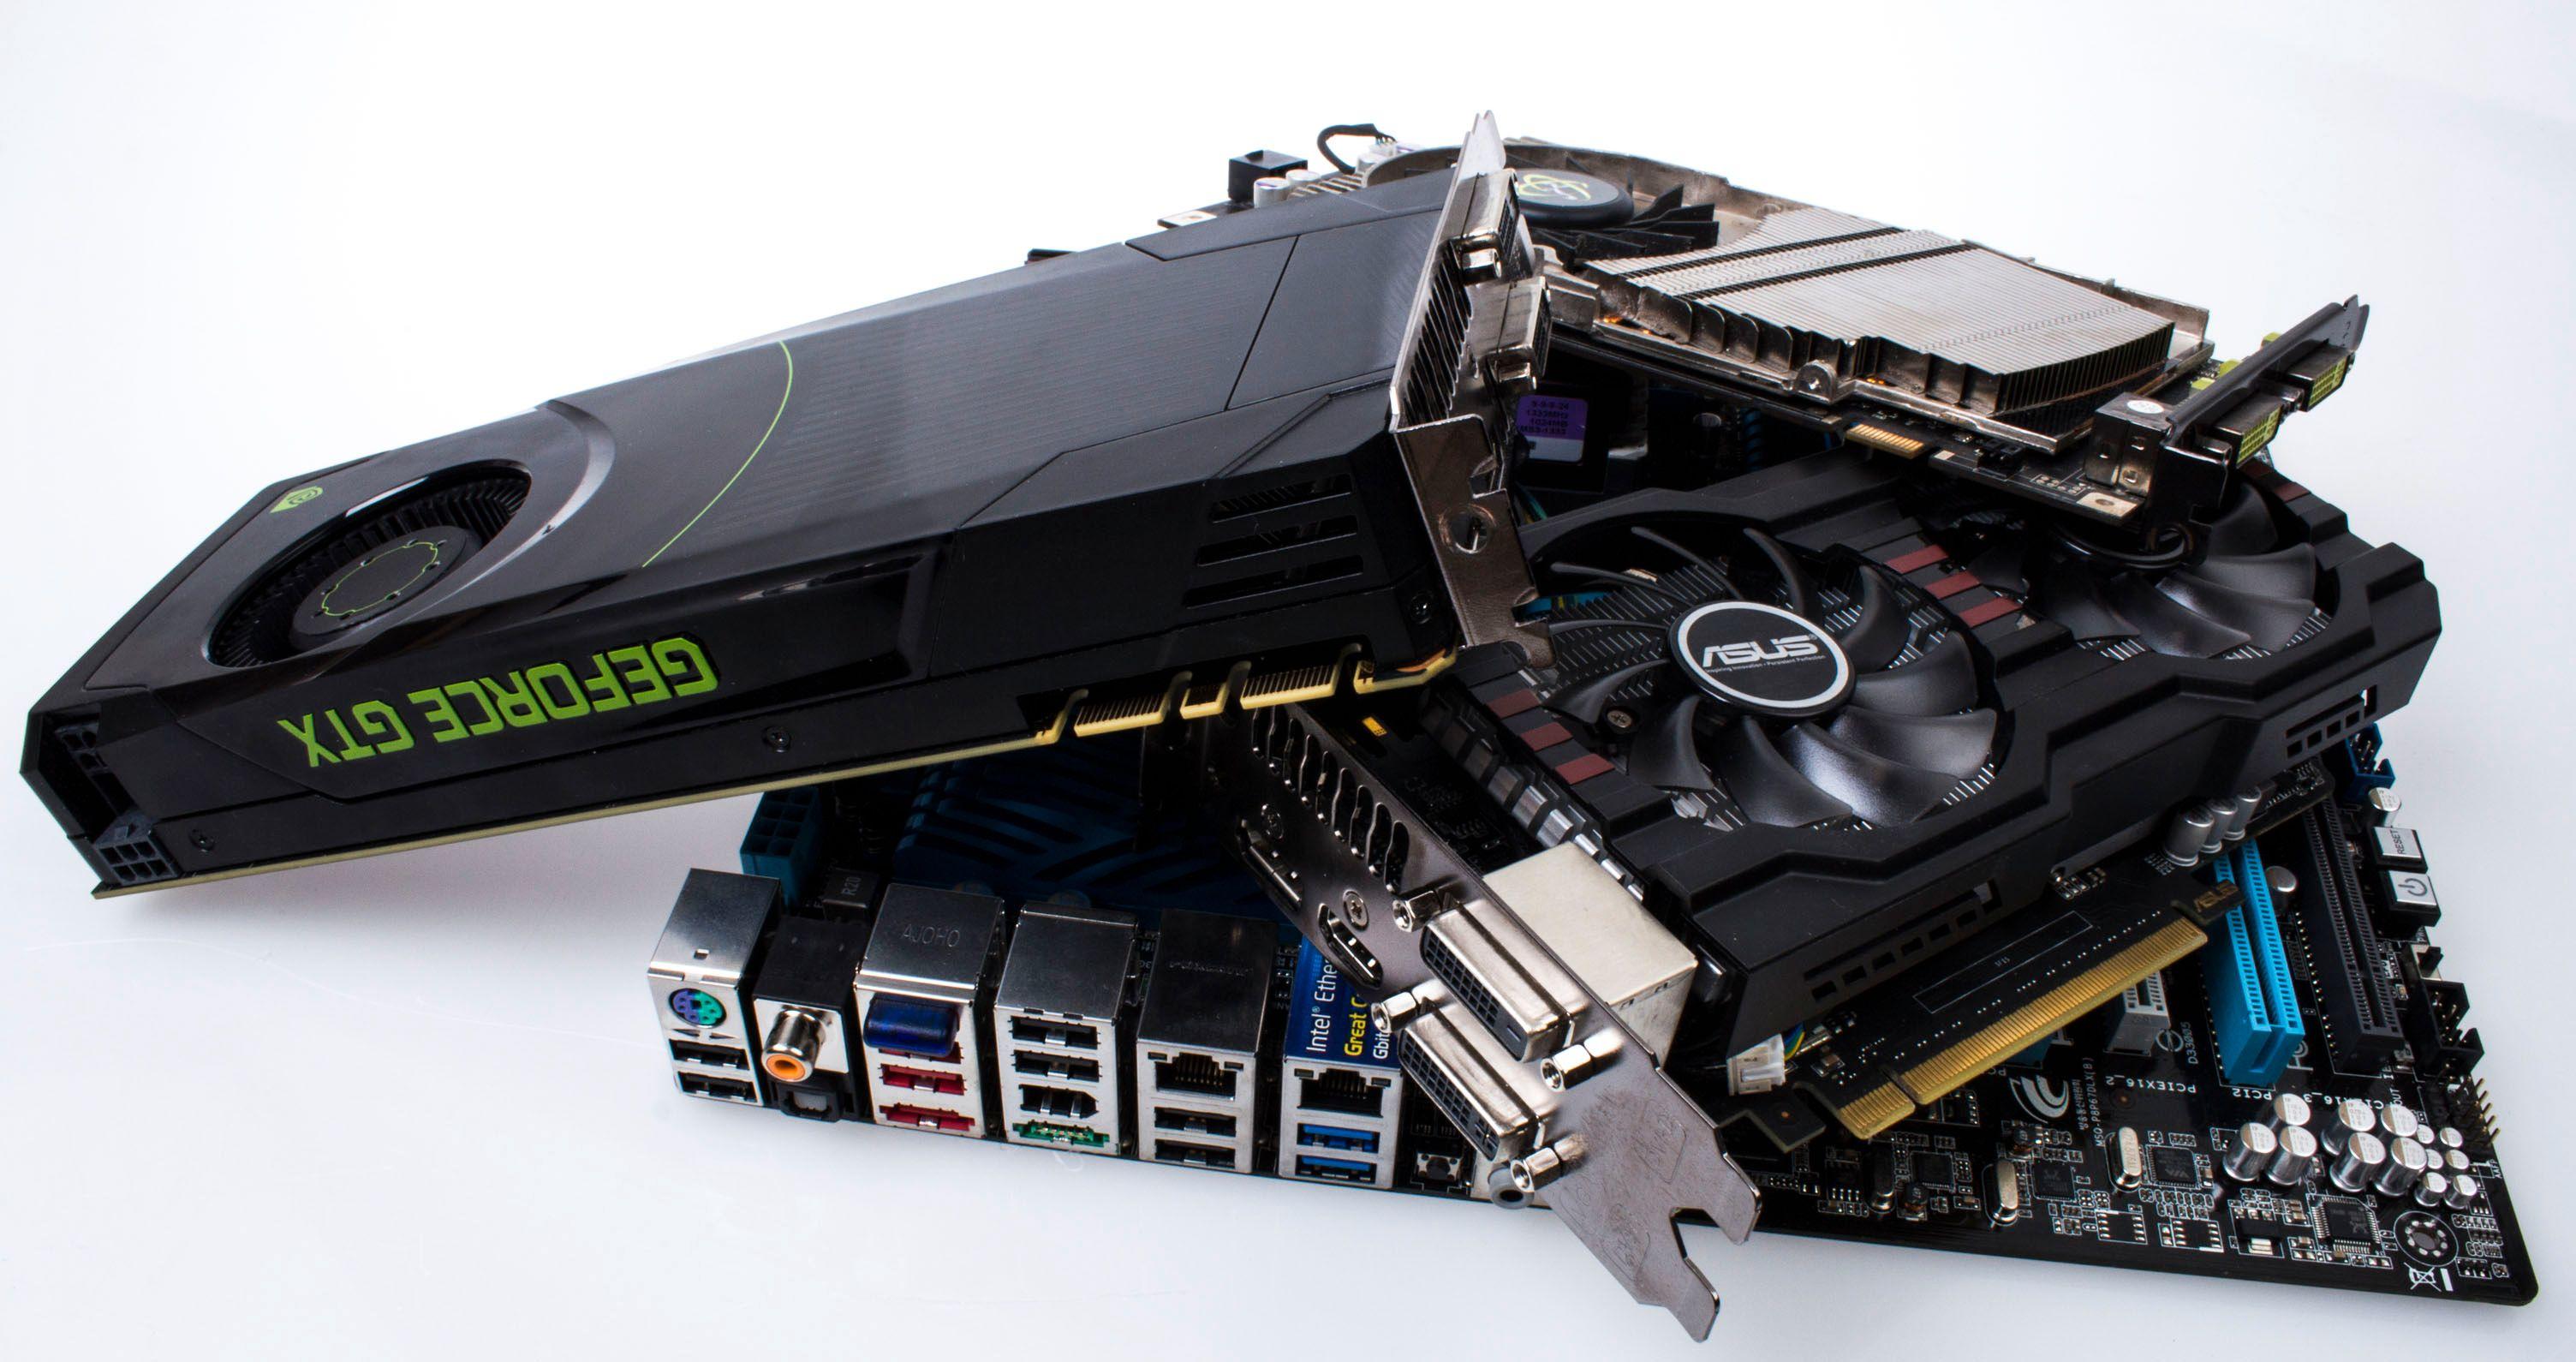 Et GeForce GTX 680 og et GeForce GTX 650 Ti Boost er begge solide oppgraderinger fra vårt flere år gamle GeForce 9600 GT.Foto: Varg Aamo, Hardware.no